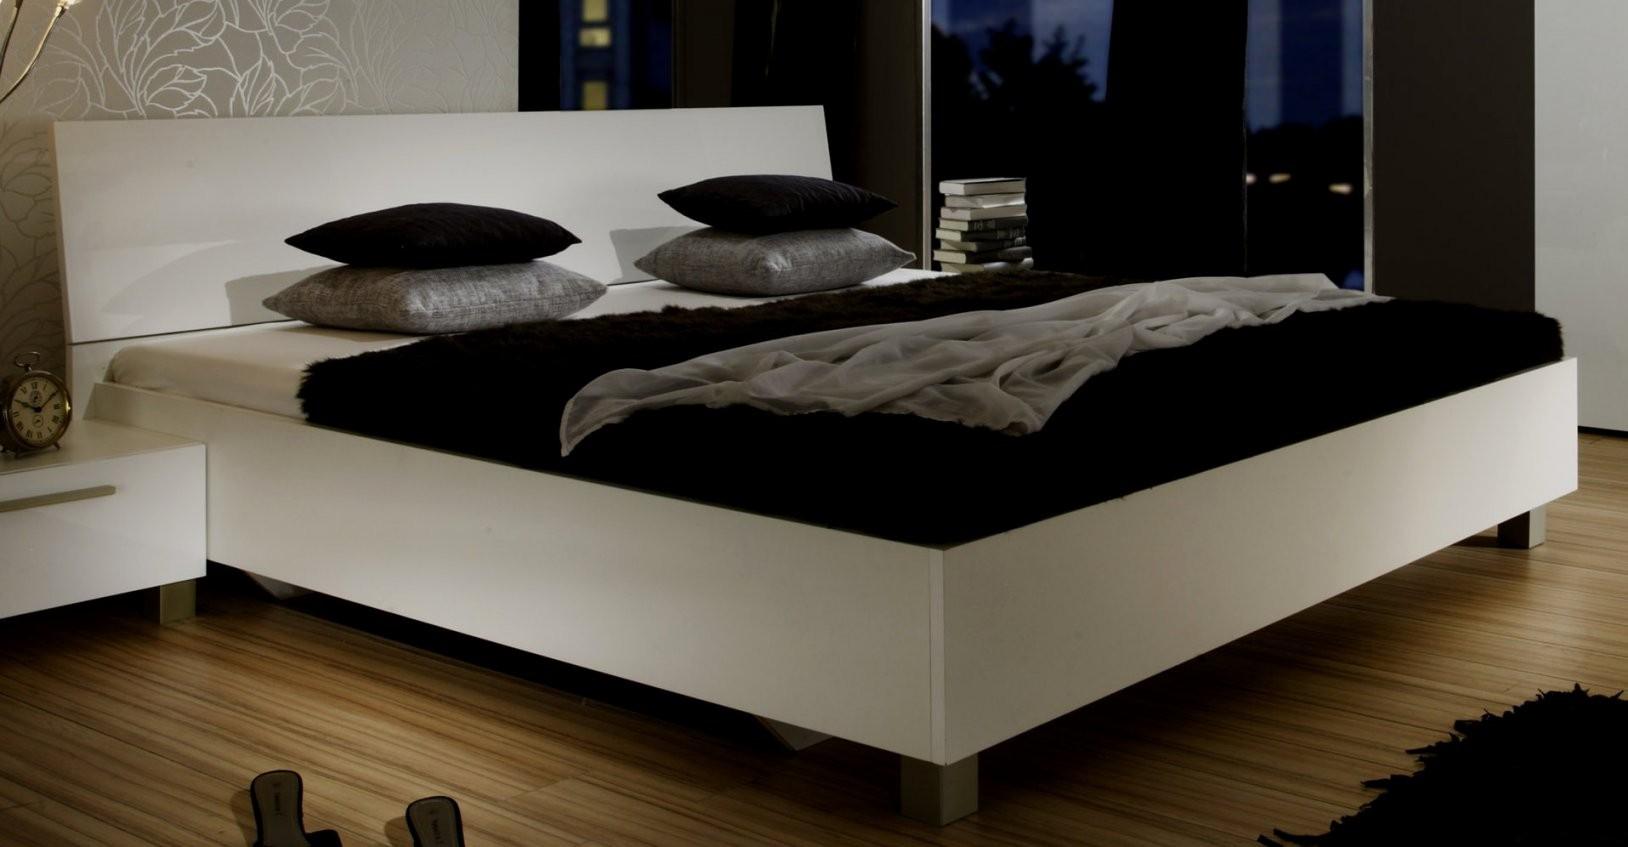 Hausdesign Bett Weiß Hochglanz 140 X 200 Futonbett Weis 160X200 von Bett 140X200 Weiß Hochglanz Photo